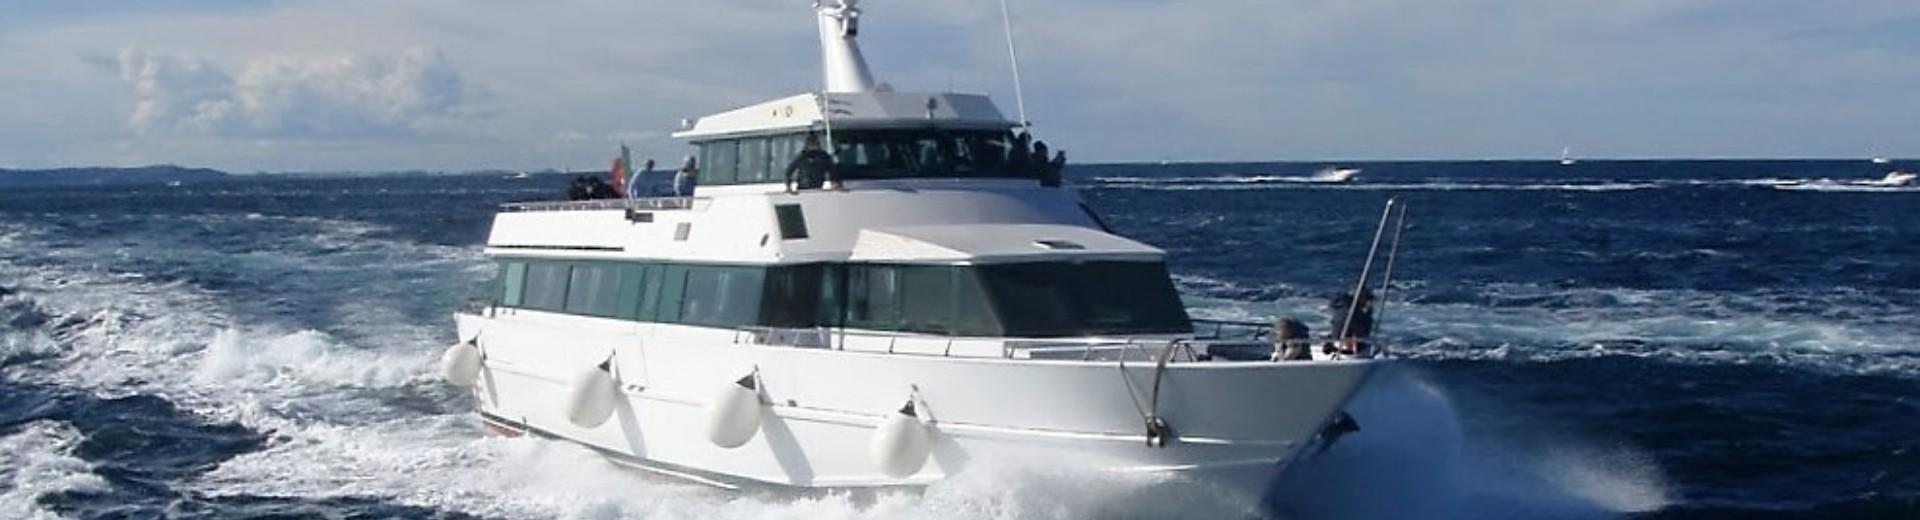 flotta-imbarcazioni-raffaello-navigazione